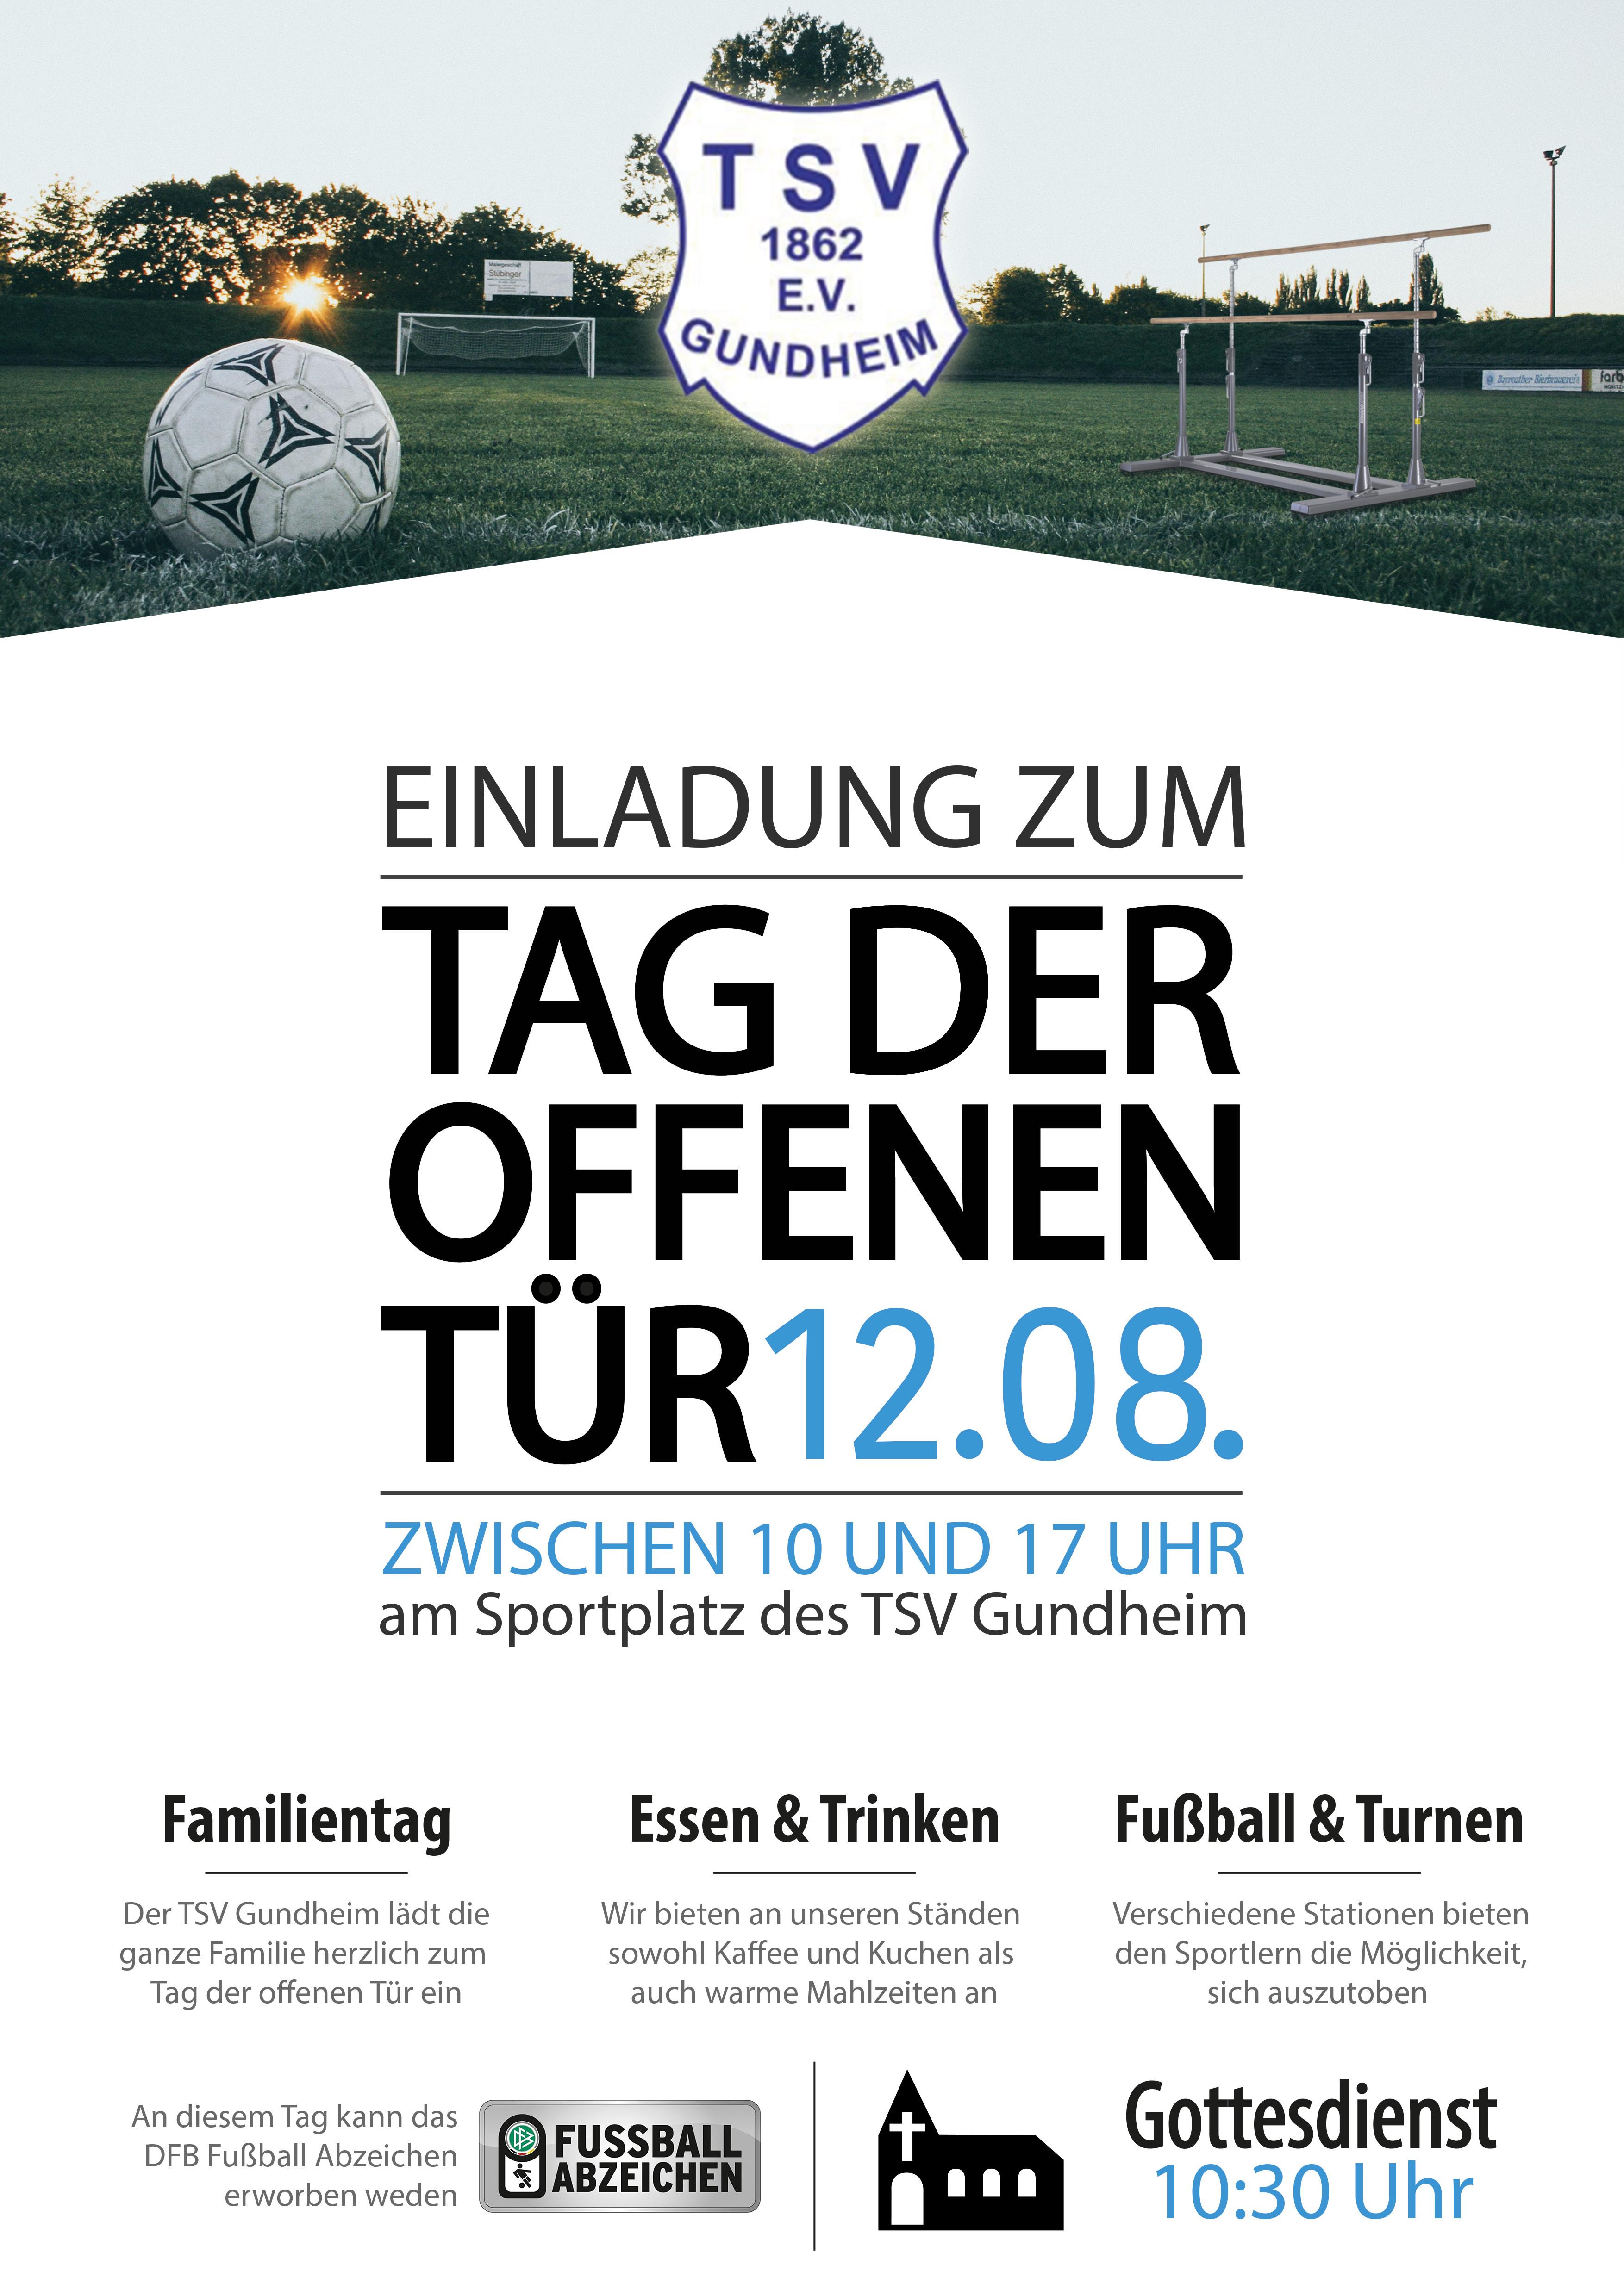 Tag der offenen Tür des TSV Gundheim Thumbnail